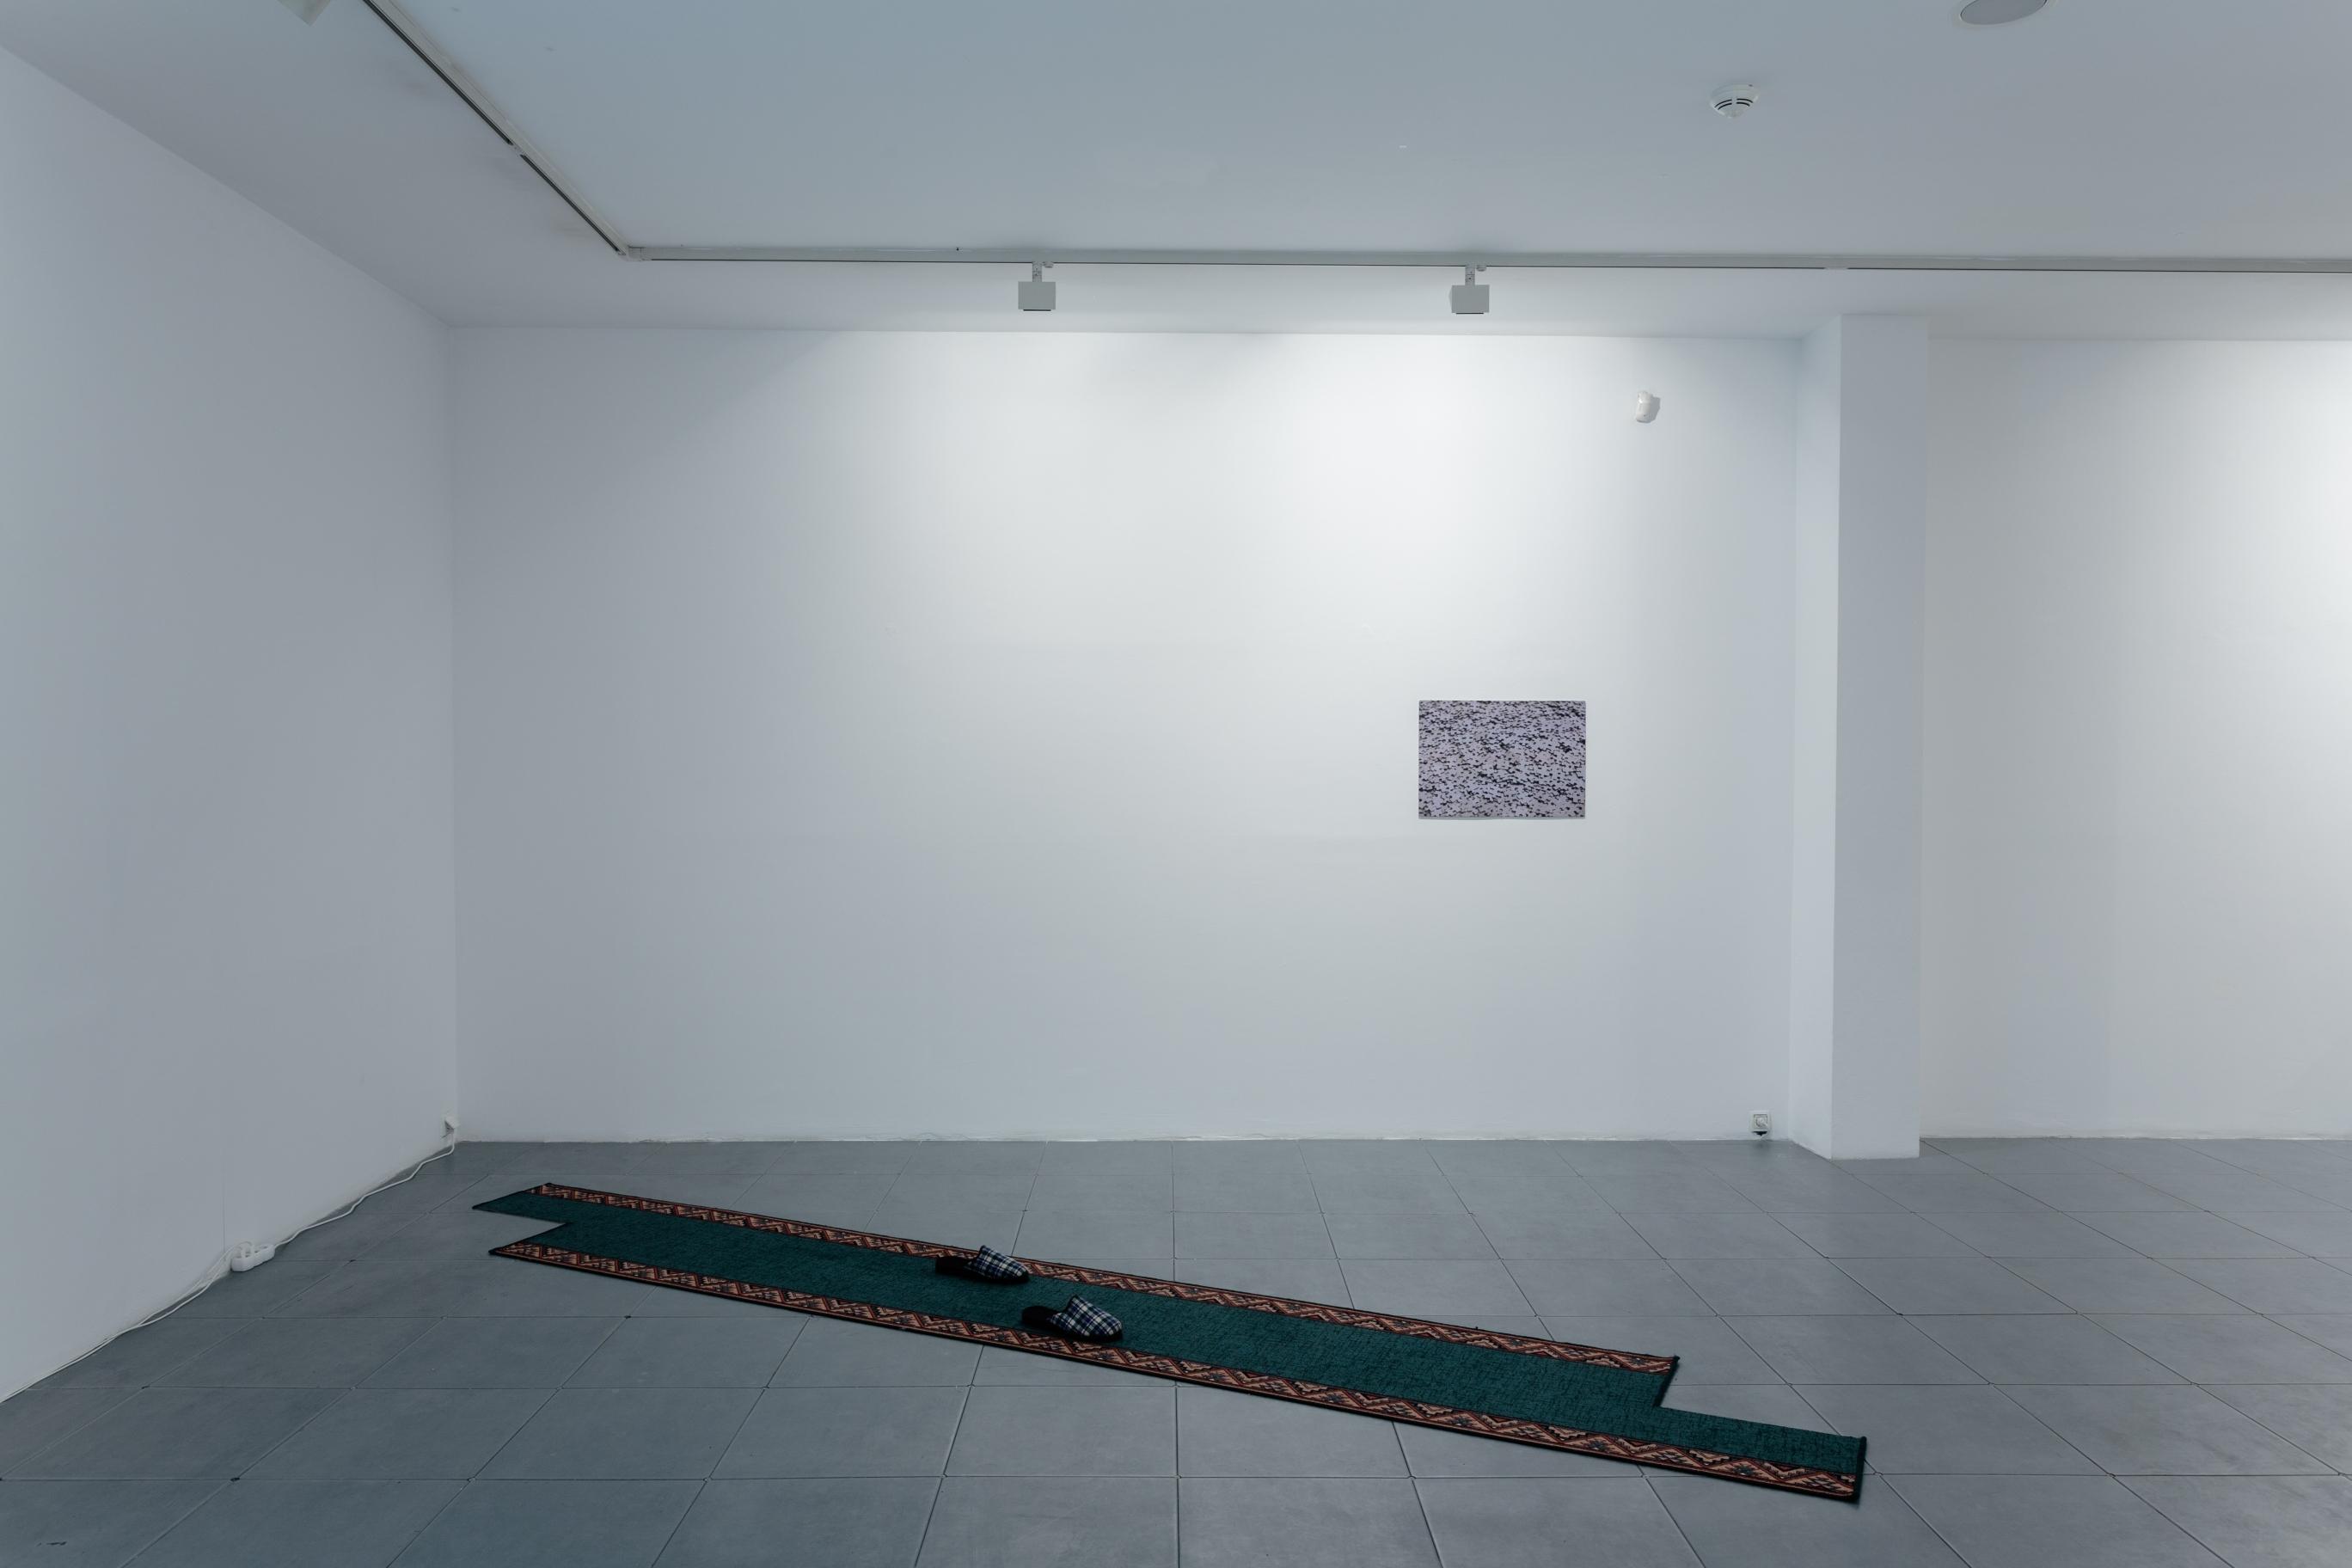 Pravdoliub Ivanov, Just Another Boring Day, widok wystawy, dzięki uprzejmości artysty igalerii Le Guern